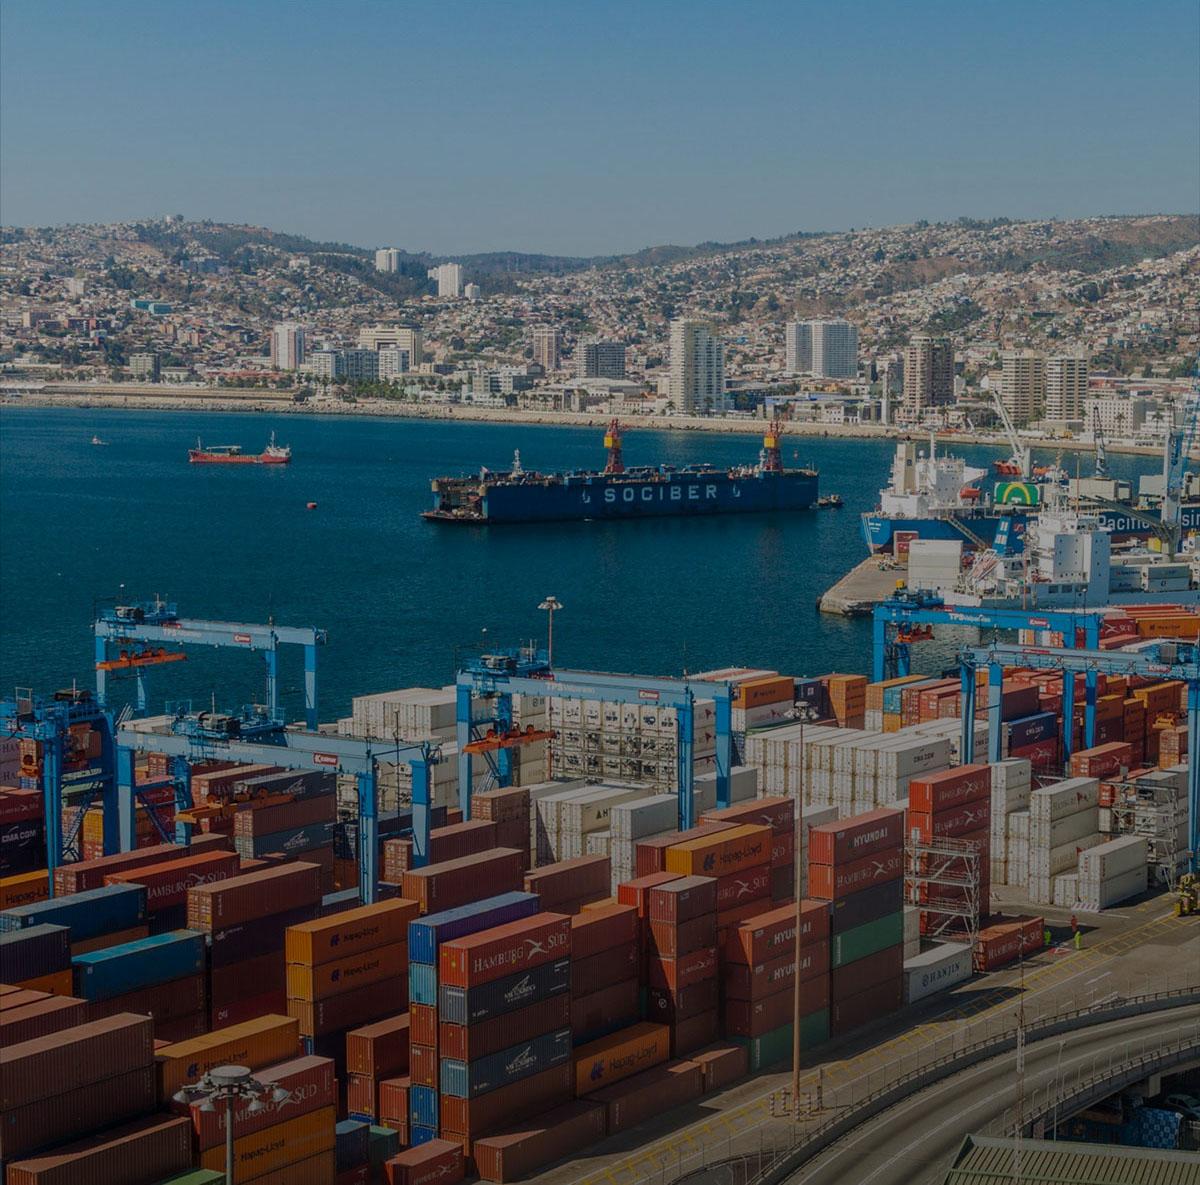 Payasage aérien d'un important port de transport maritime en amérique latine